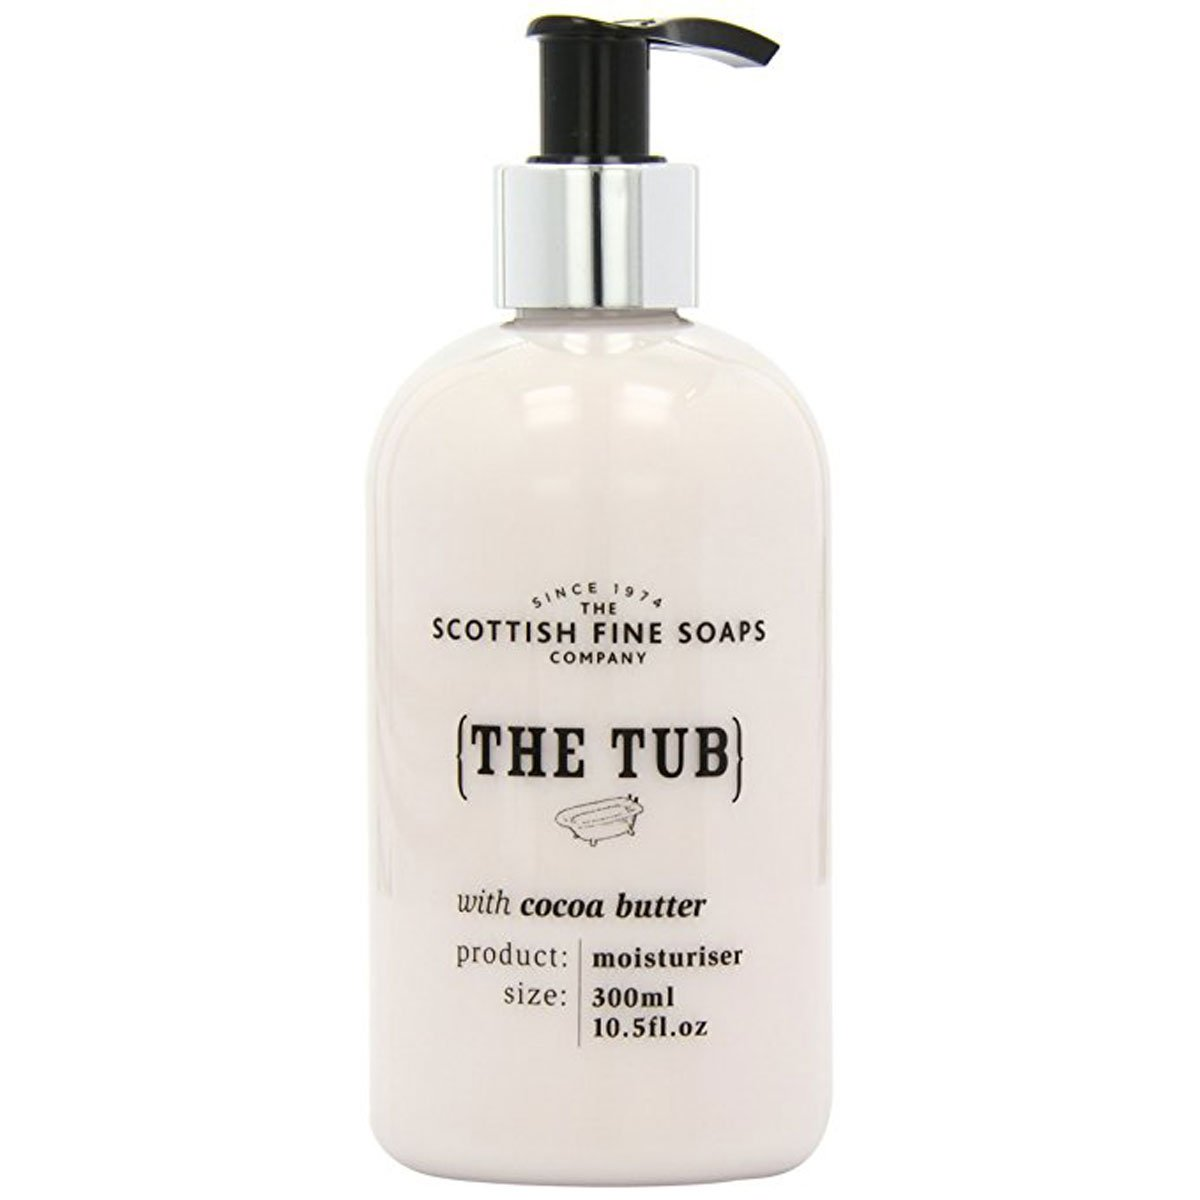 Scottish Fine Soaps The Tub Moisturiser 300ml - Pack of 6